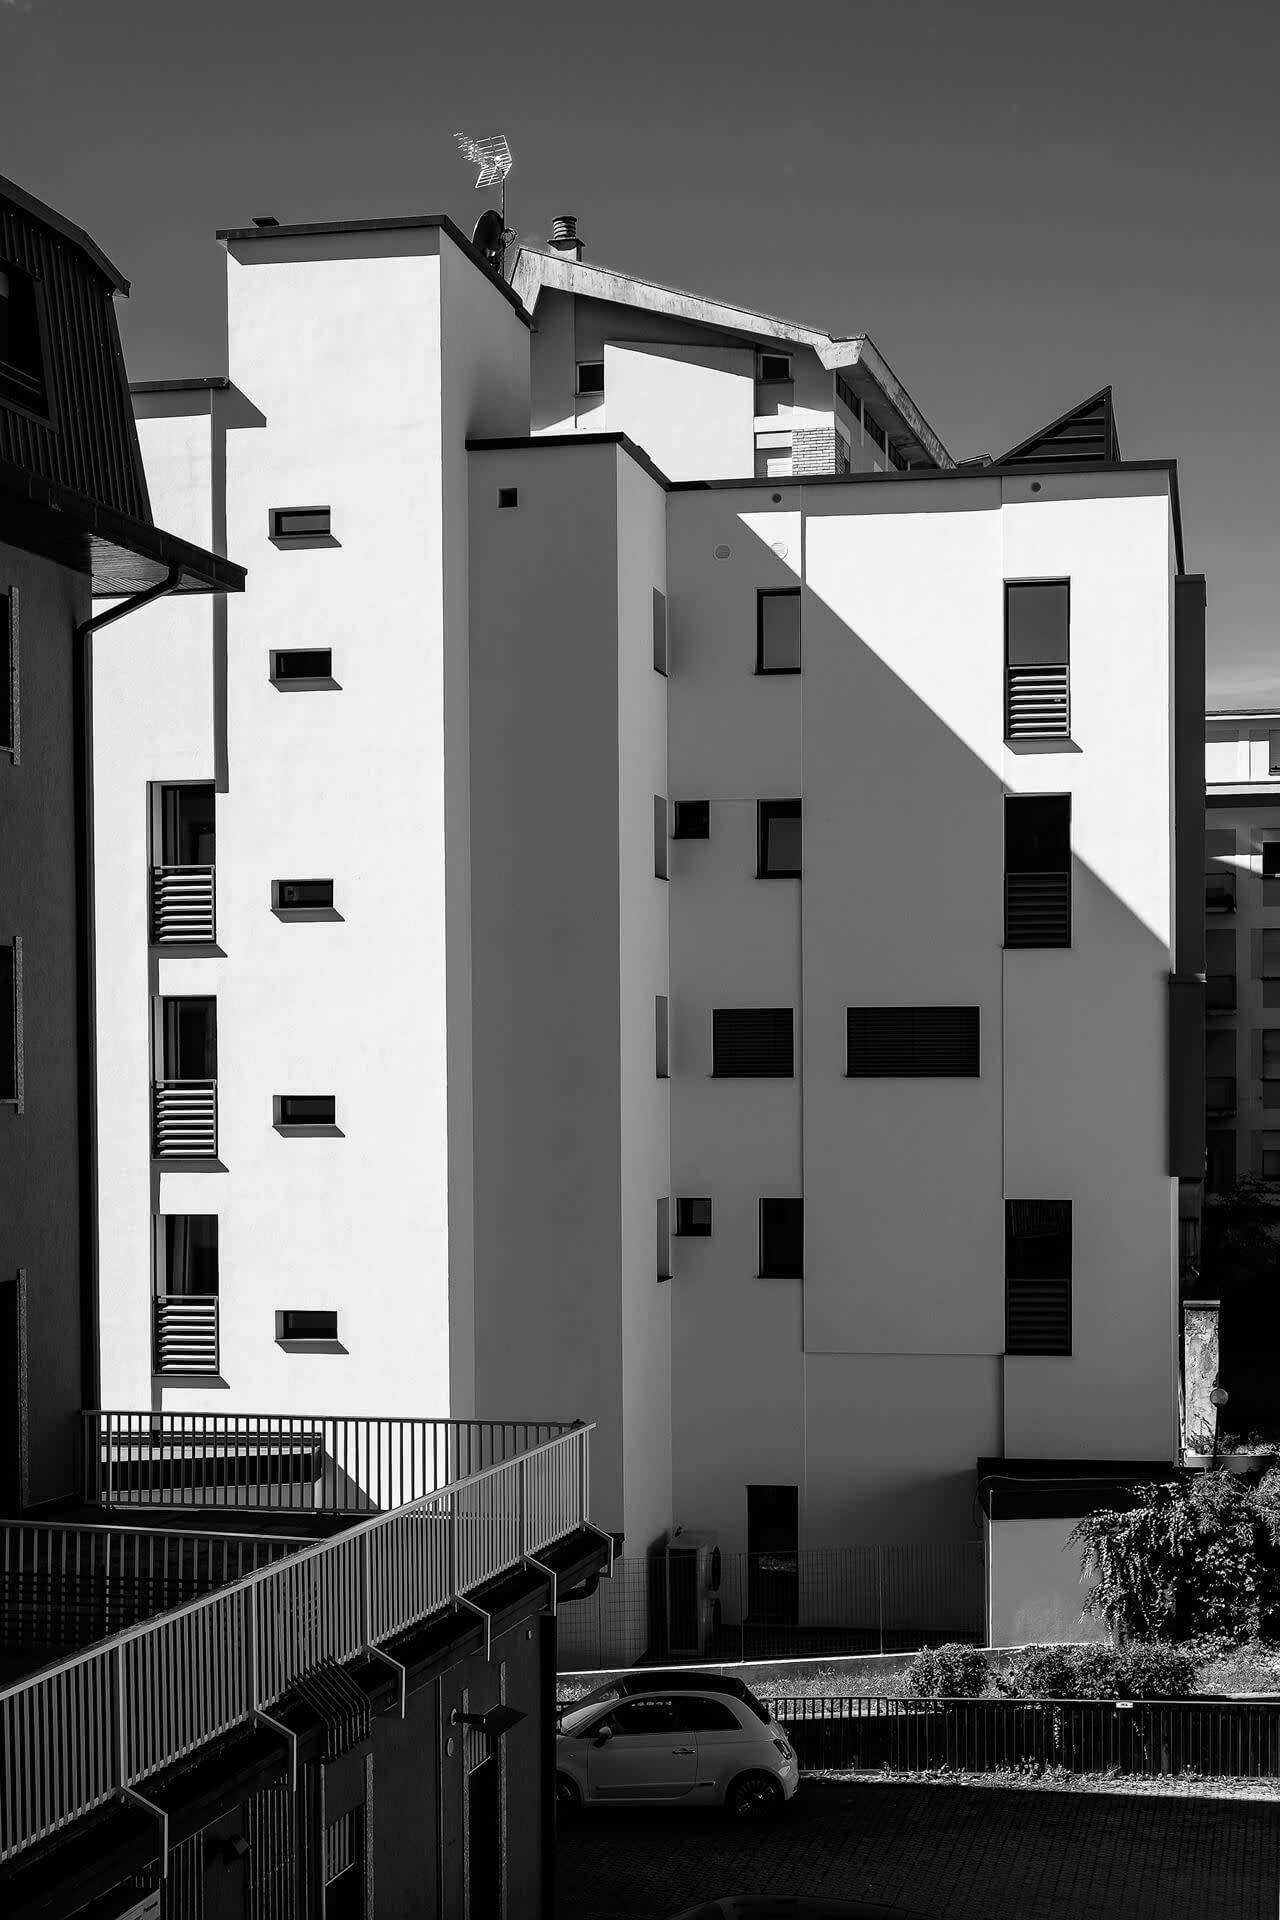 Via Mazzini - Sondrio